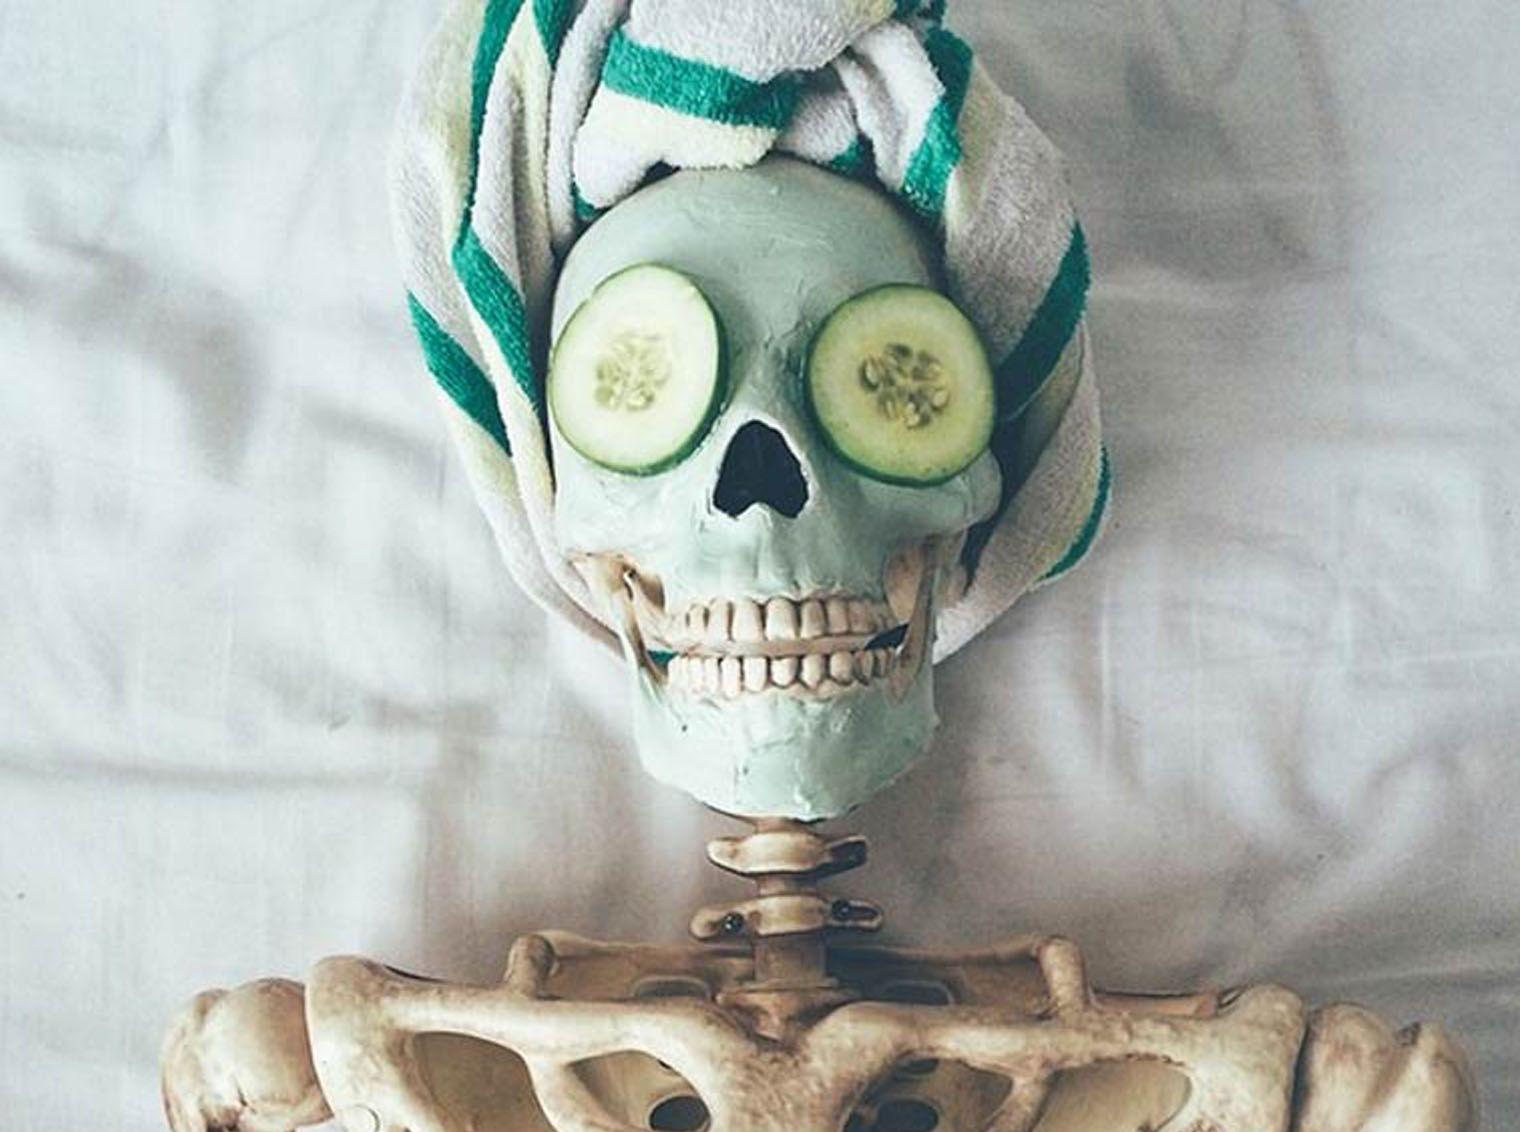 Dana Herlihey criou uma conta no Instagram para seu projeto chamado Literally Dead (Literalmente Morta), onde se diverte encenando o dia-a-dia típico de uma garota com Skellie, um esqueleto herdado de suas decorações de Halloween.